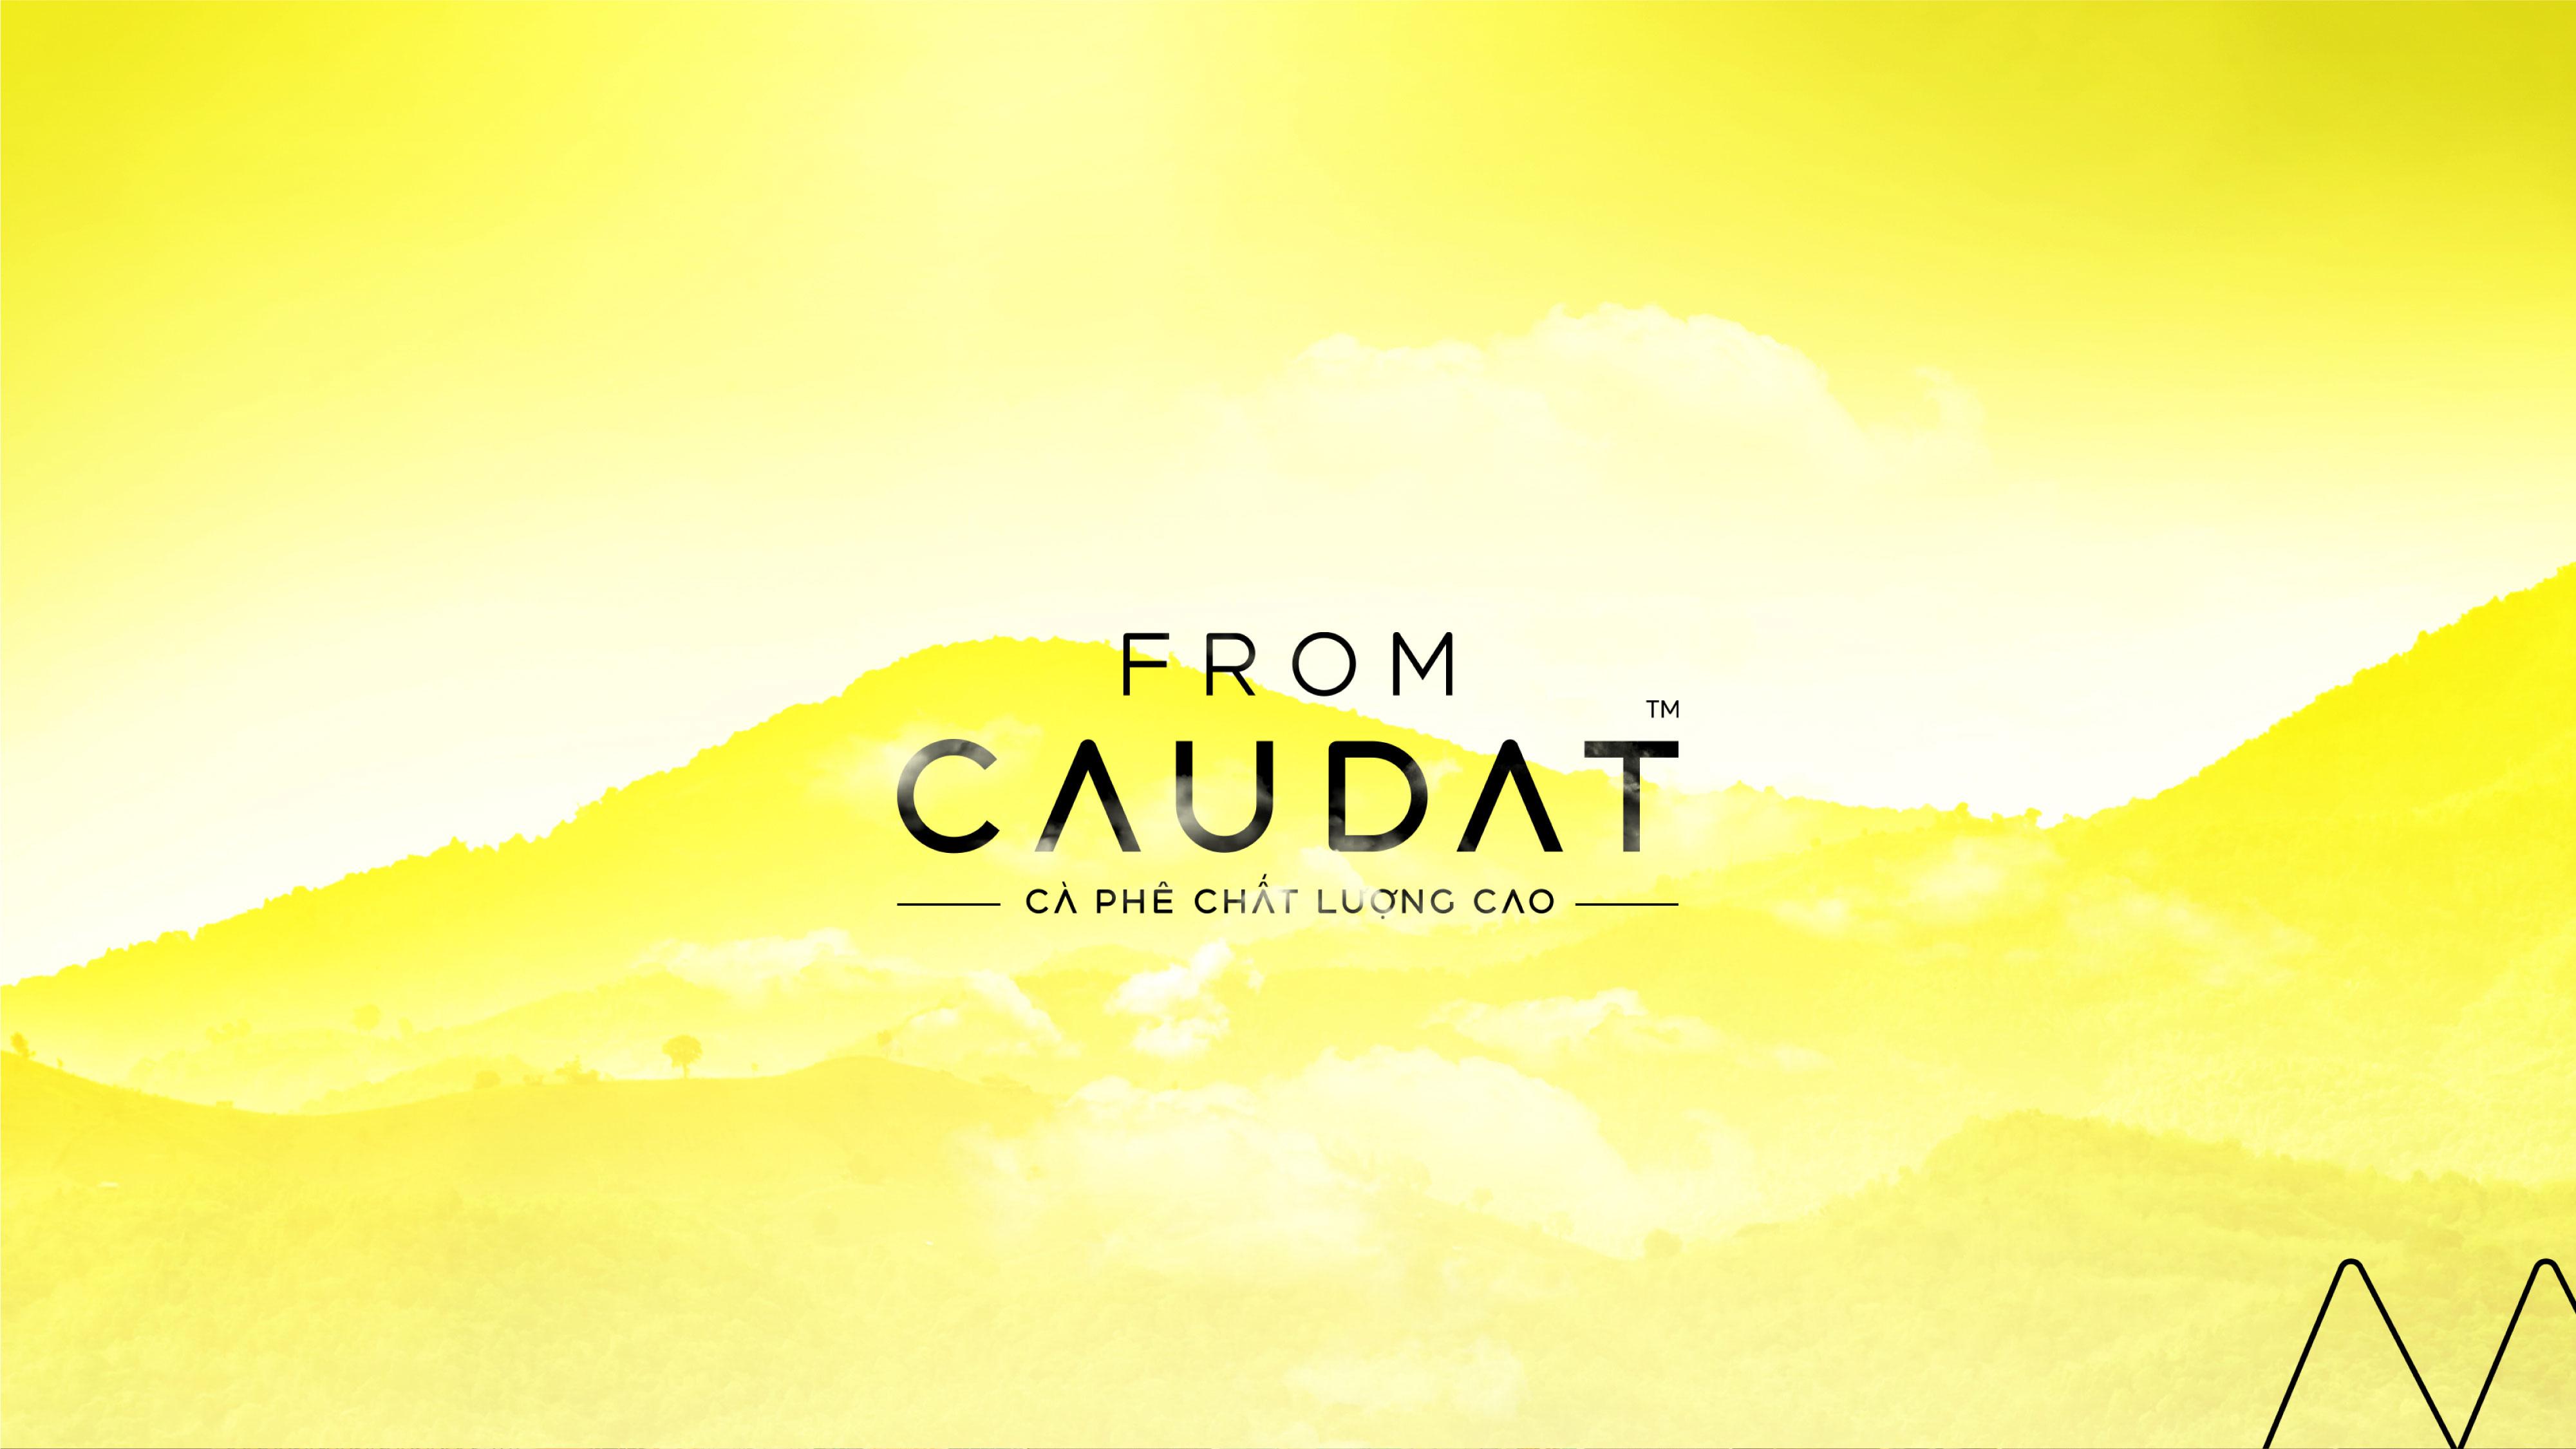 From Caudat